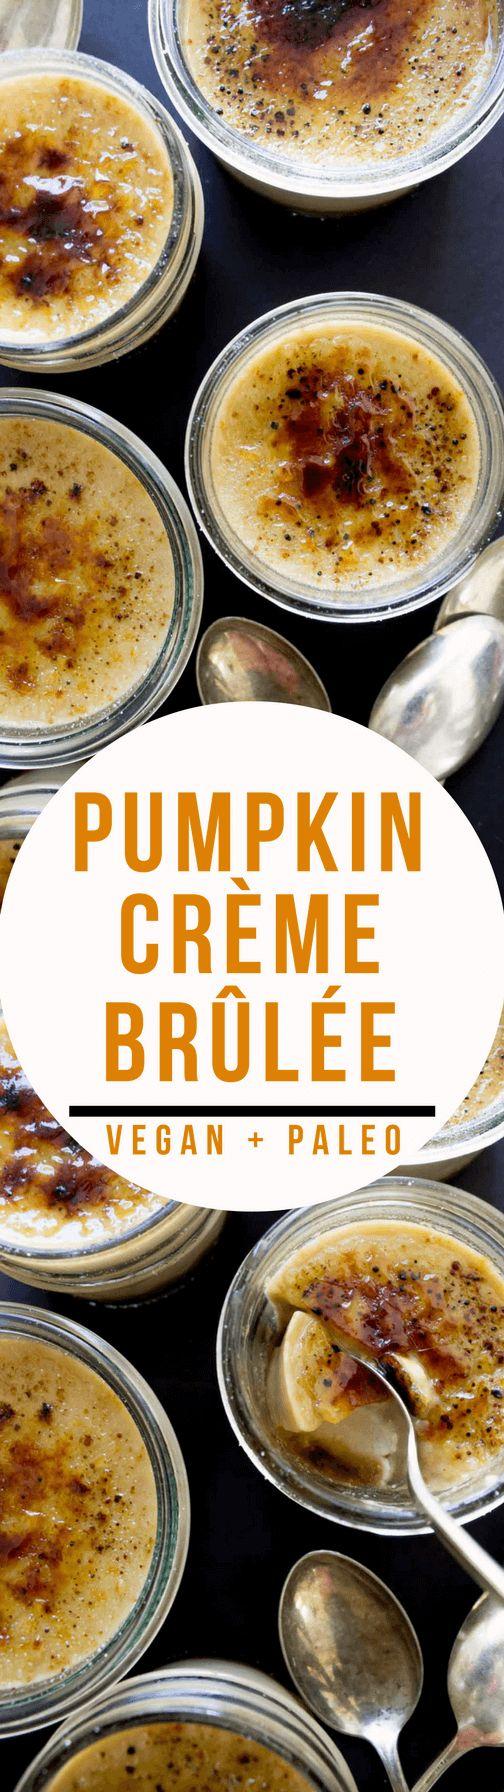 pumpkin creme brulee paleo vegan natural holistic life. Black Bedroom Furniture Sets. Home Design Ideas